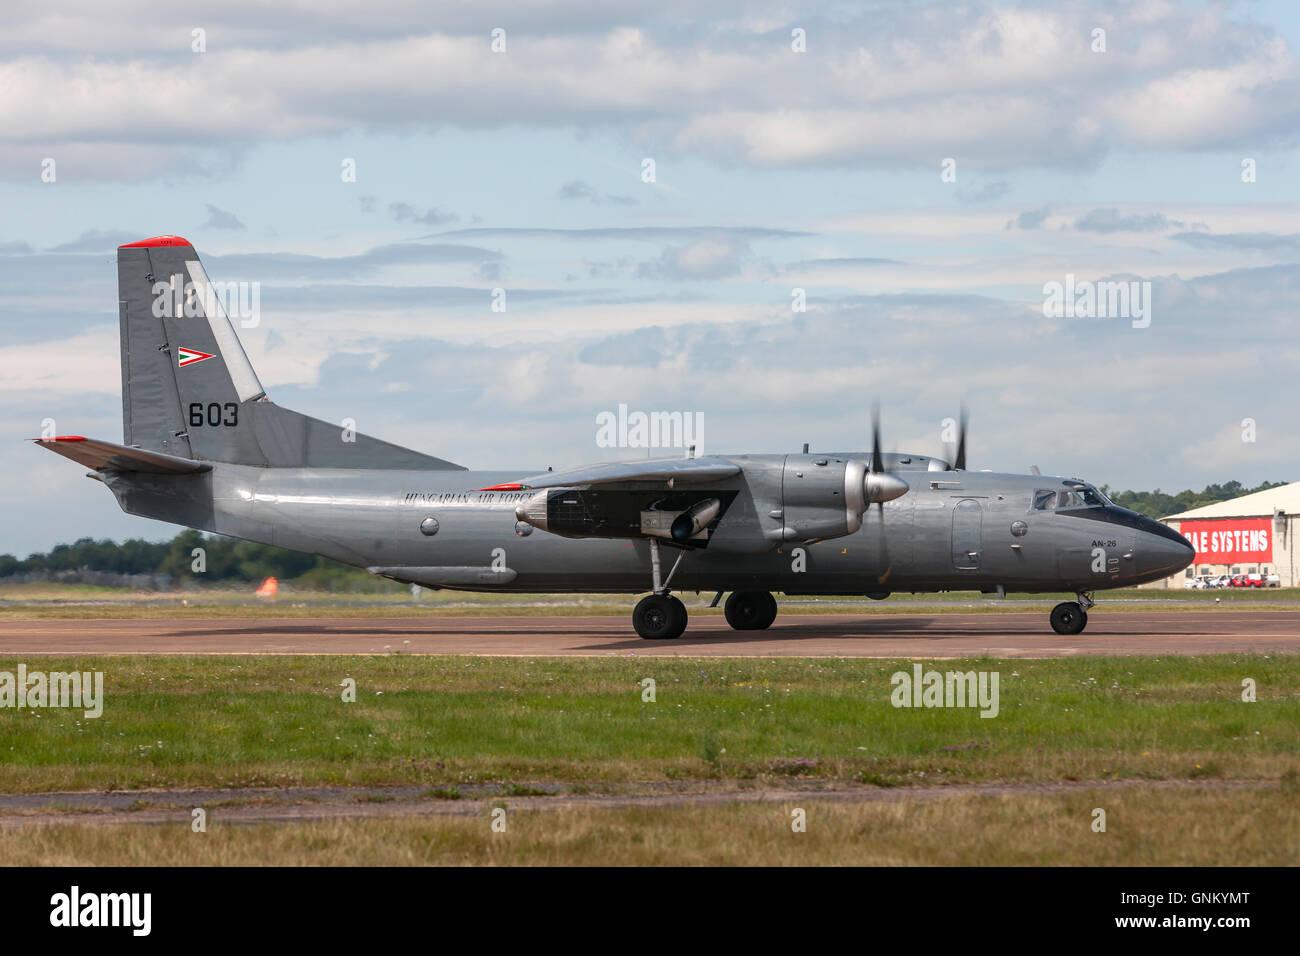 Hungarian Air Force (Magyar Légiero) Antonov An-26 transport aircraft - Stock Image